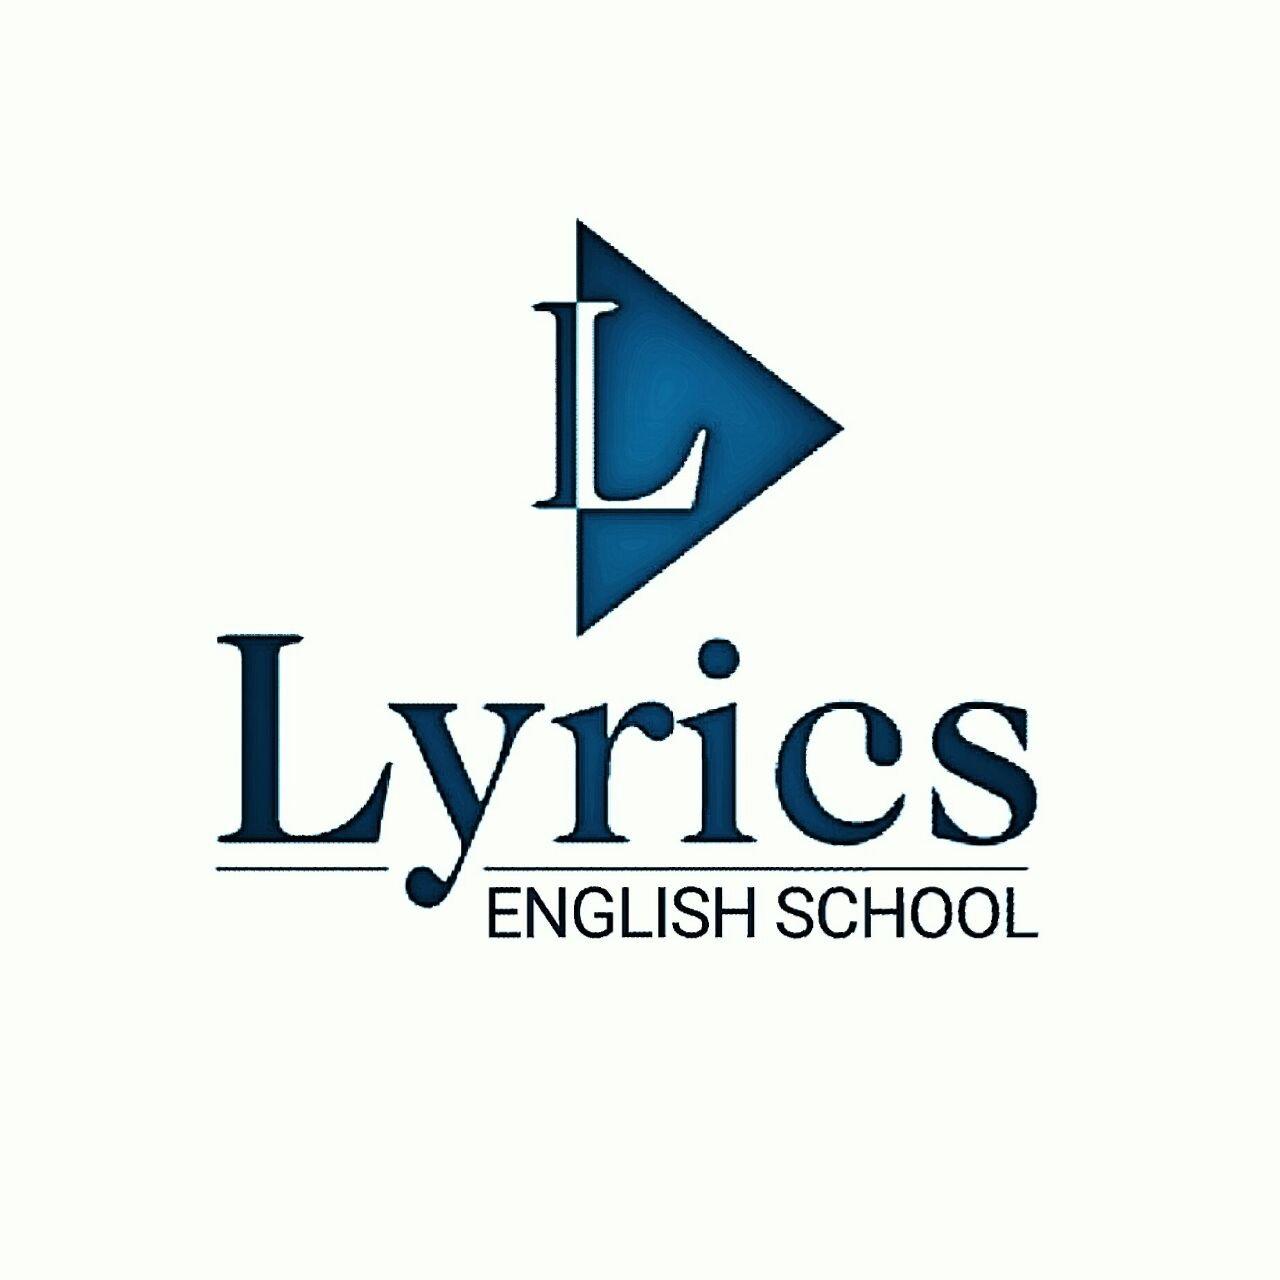 Lyrics Educação & Idiomas